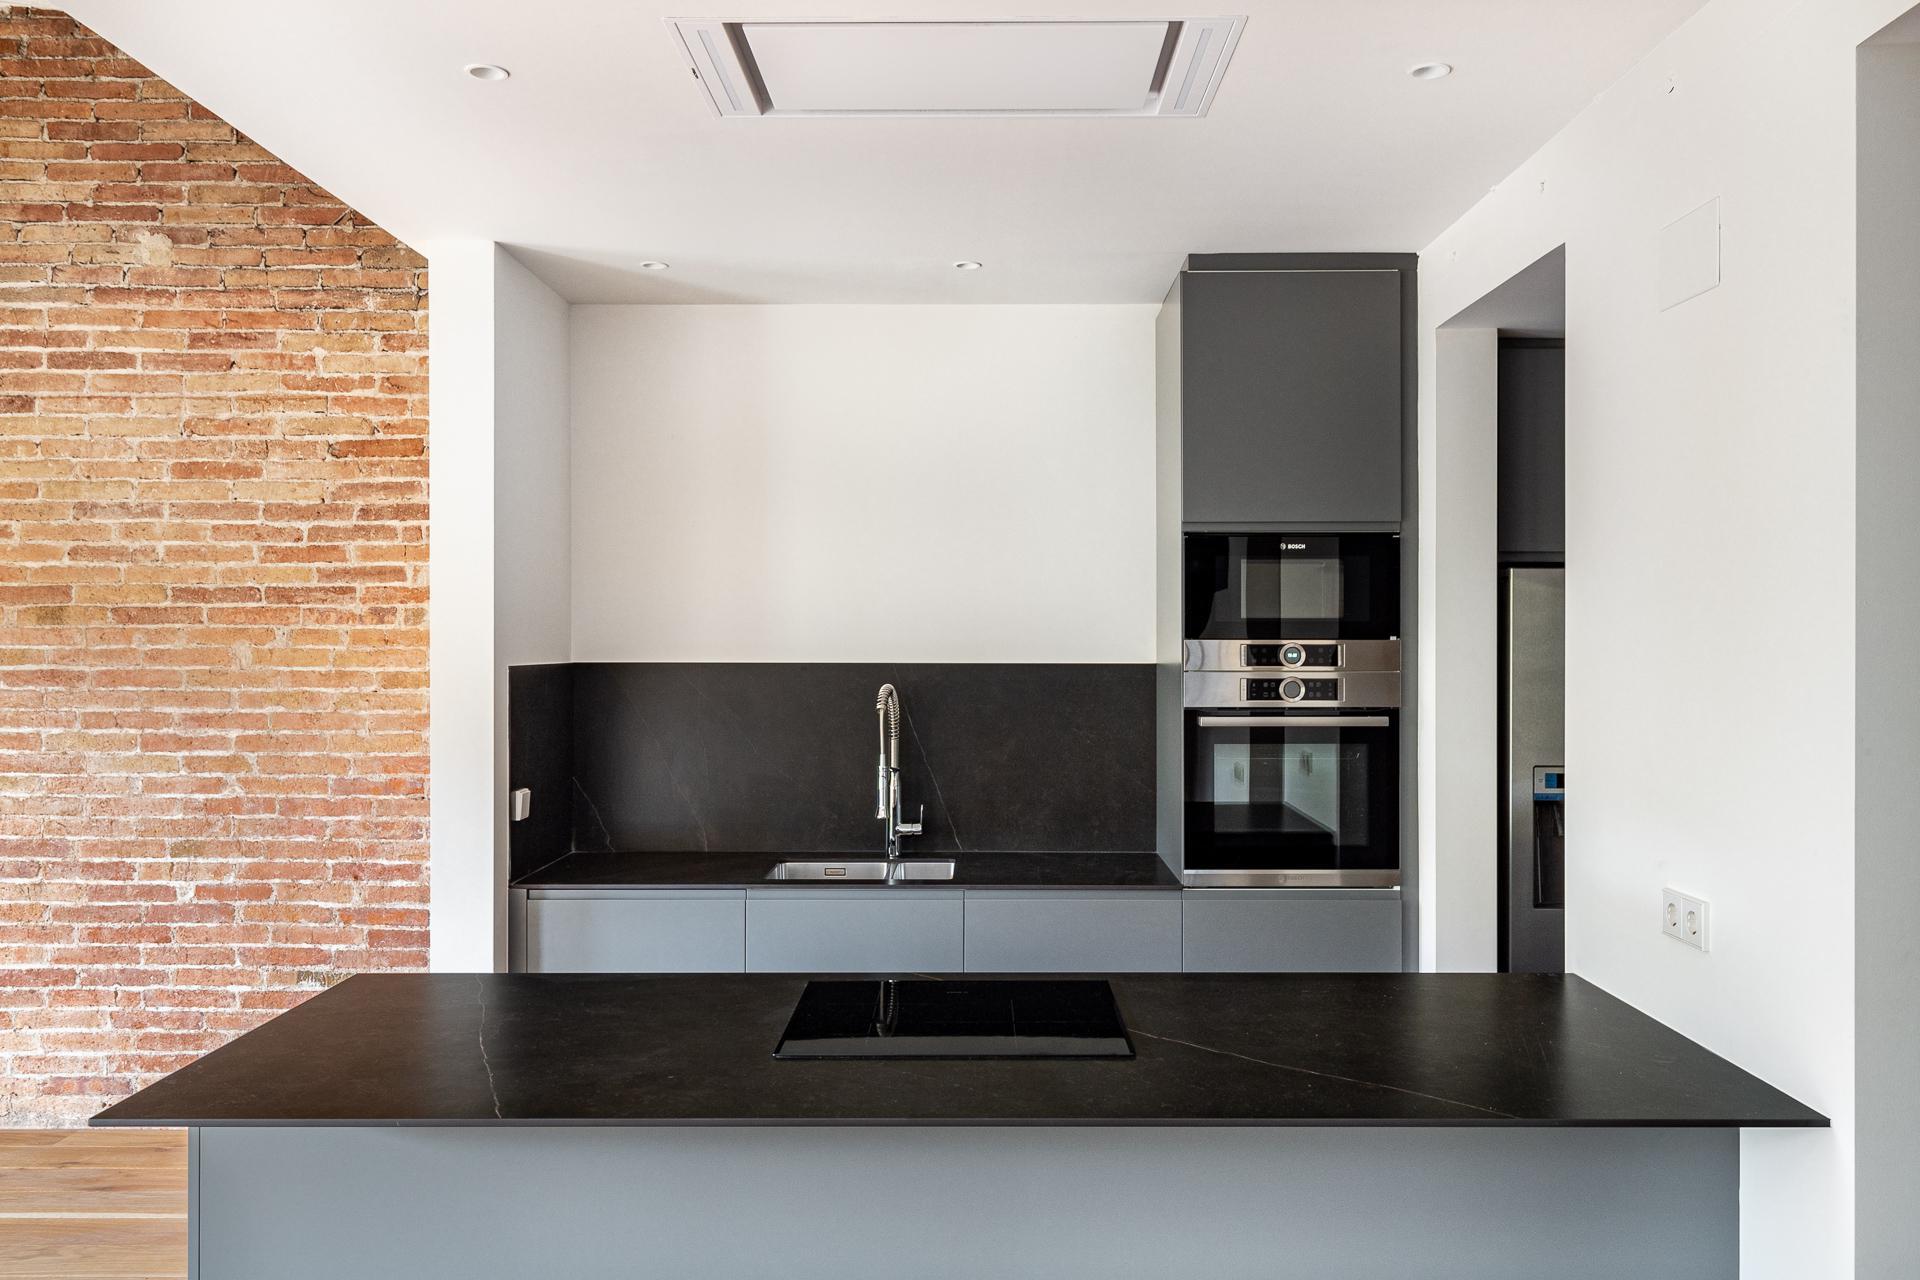 245902 Penthouse for sale in Ciutat Vella, St. Pere St. Caterina and La Ribera 7